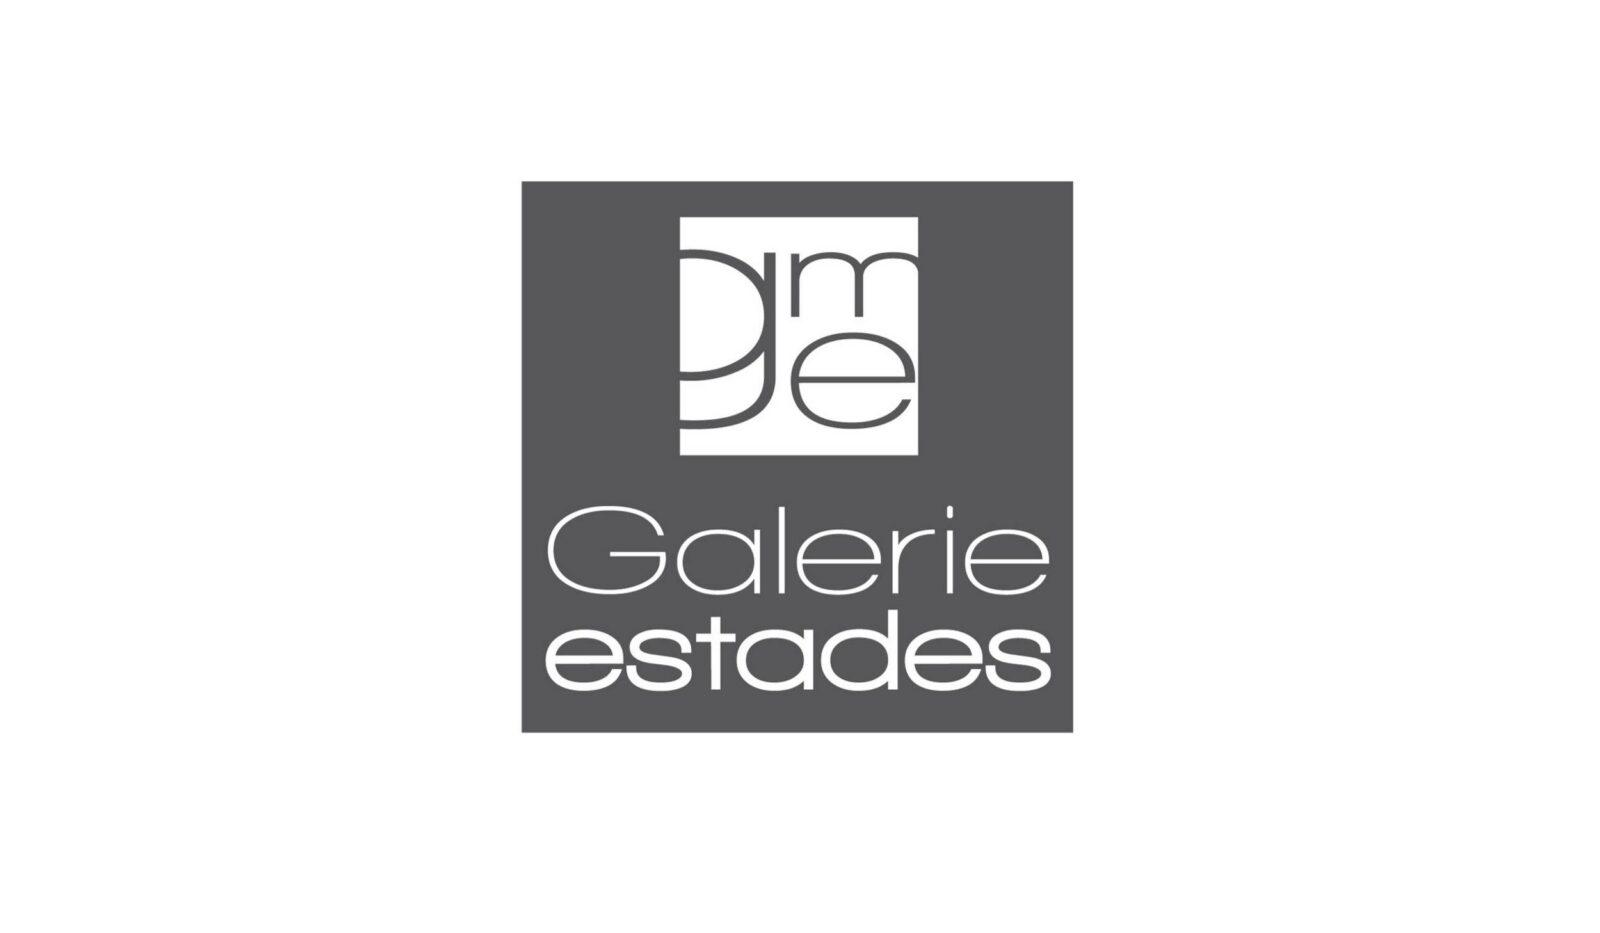 https://www.ccifrance-allemagne.fr/wp-content/uploads/2021/06/estades-logo-scaled.jpg